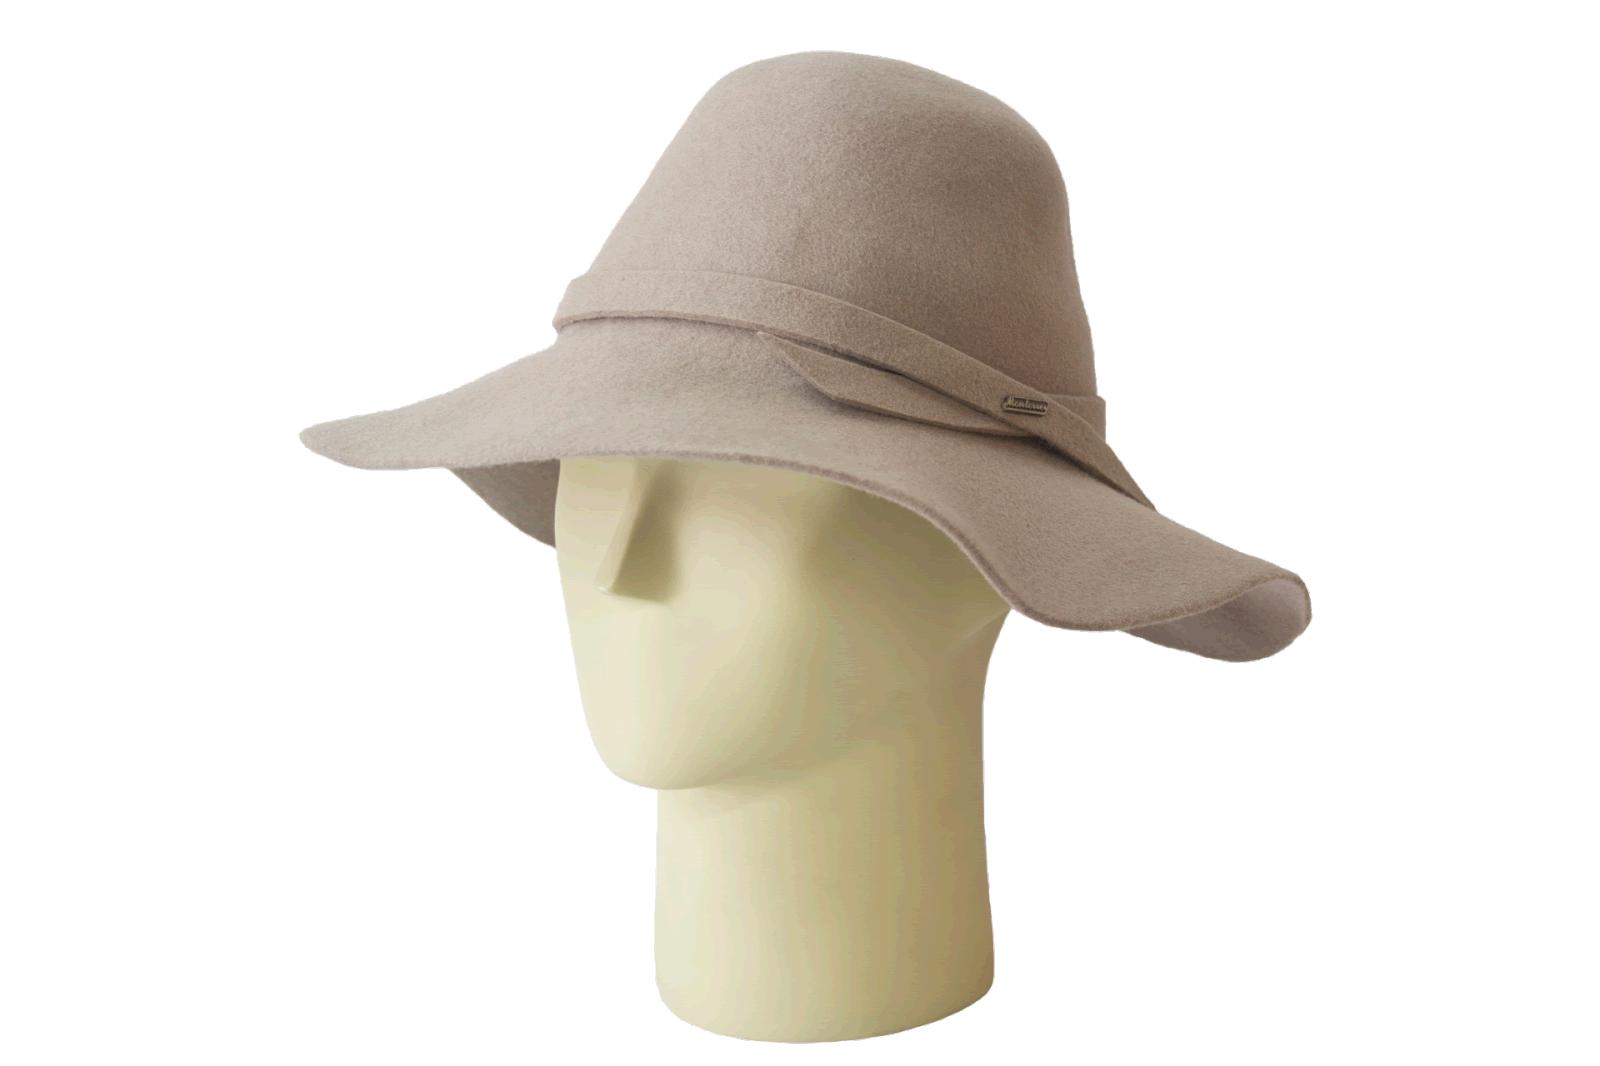 Sombrero Estilo Floppy